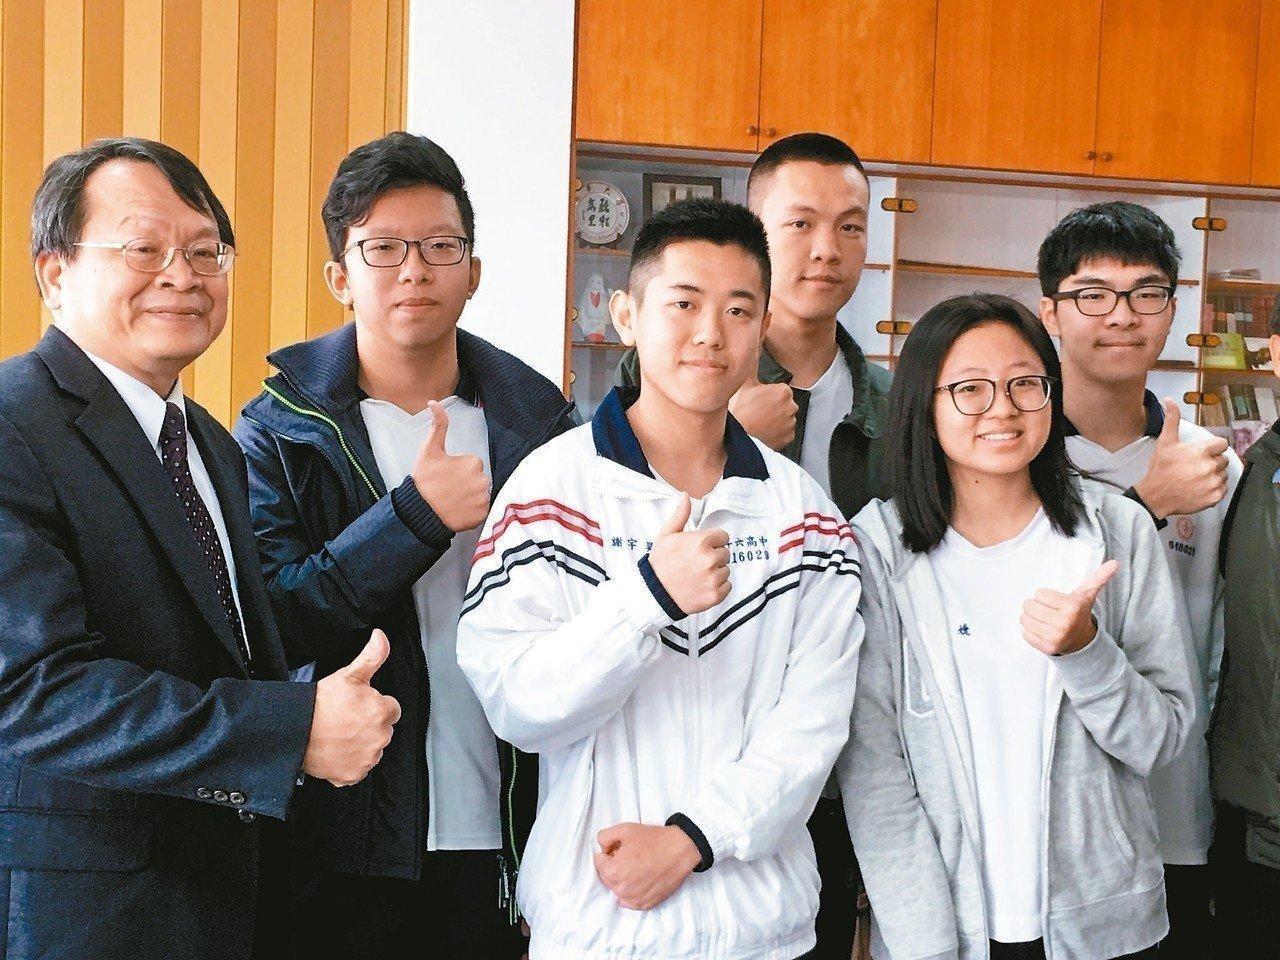 斗六高中謝宇昊(左三)3年前國中會考是雲林狀元,如今再拿下滿級分佳績,並錄取台大...